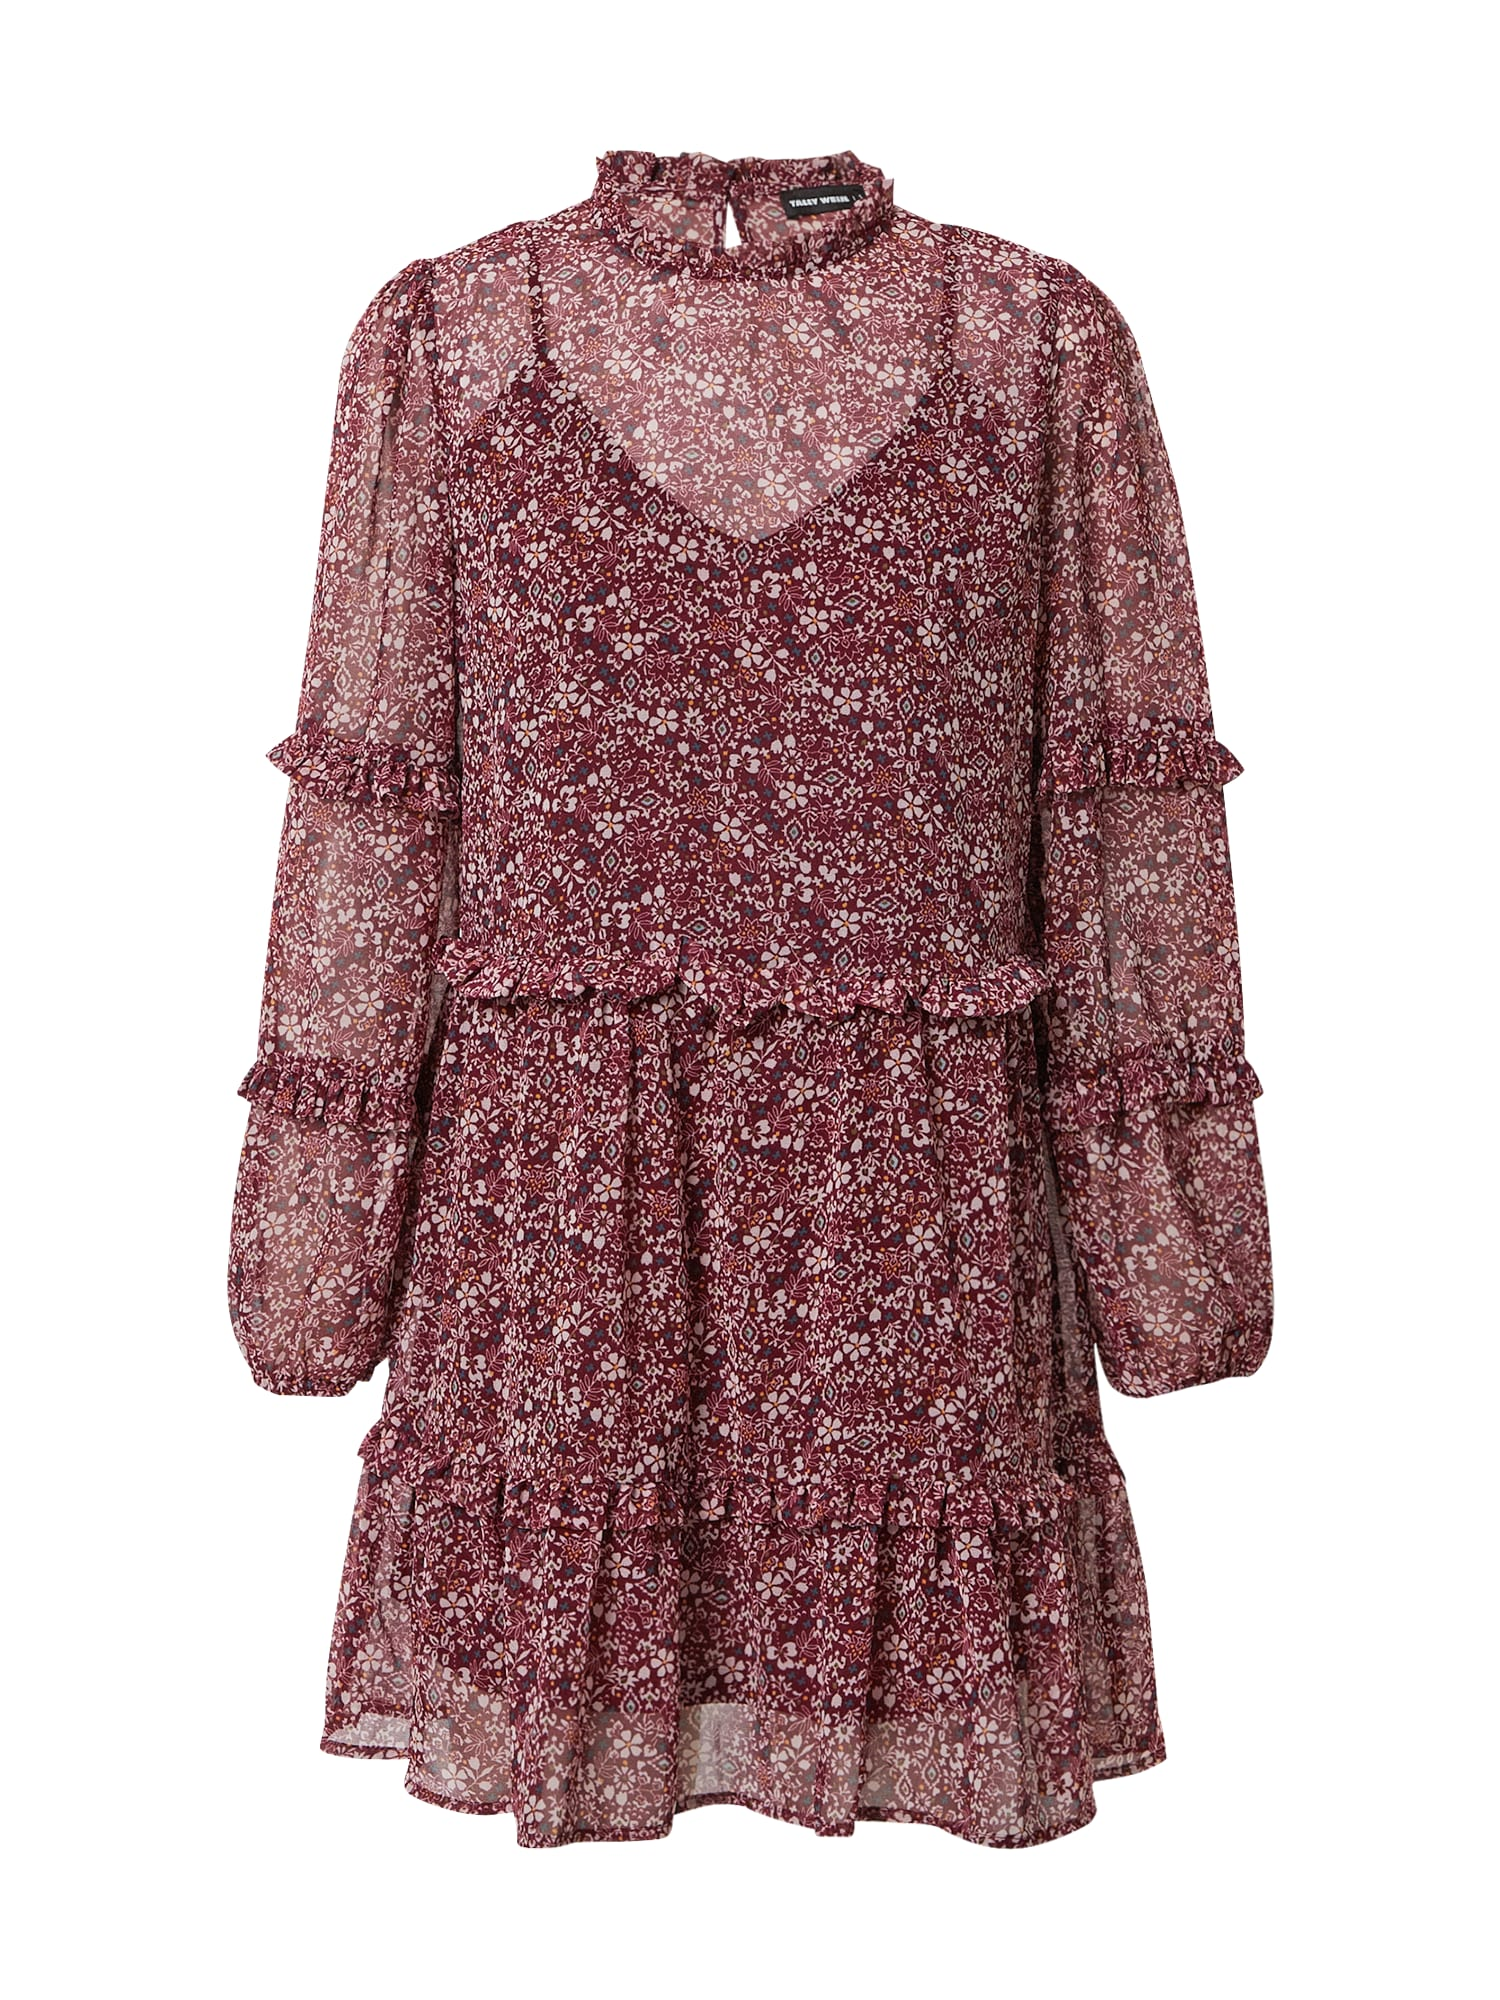 Tally Weijl Palaidinės tipo suknelė vyno raudona spalva / balta / dangaus žydra / oranžinė